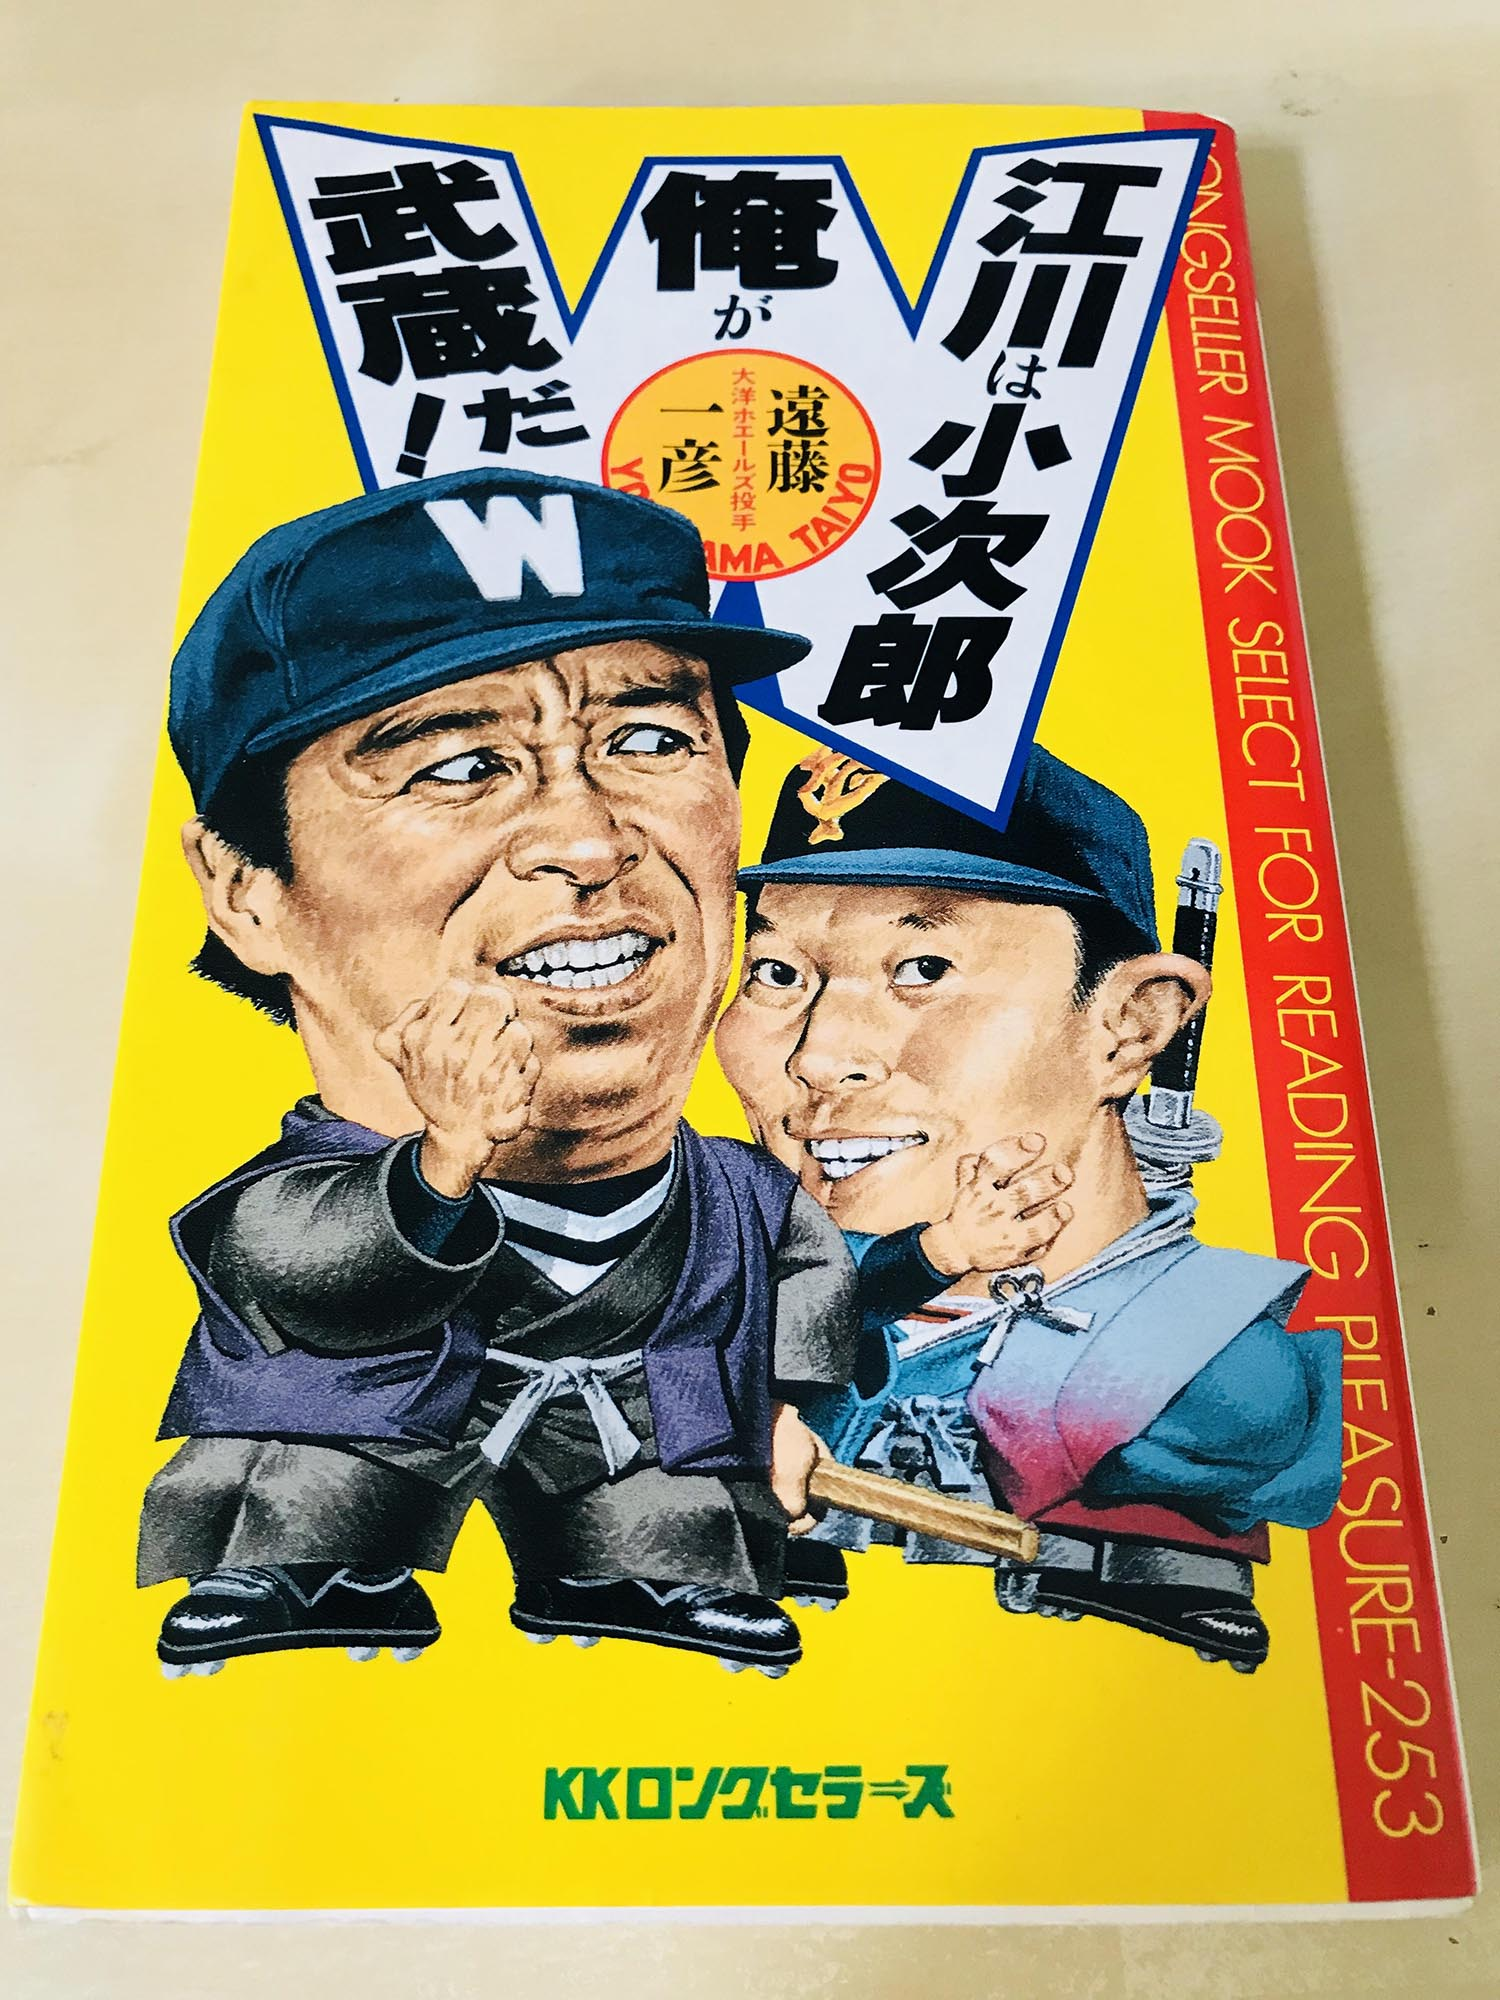 『江川は小次郎 俺が武蔵だ!』(KKベストセラーズ刊) ©黒田創